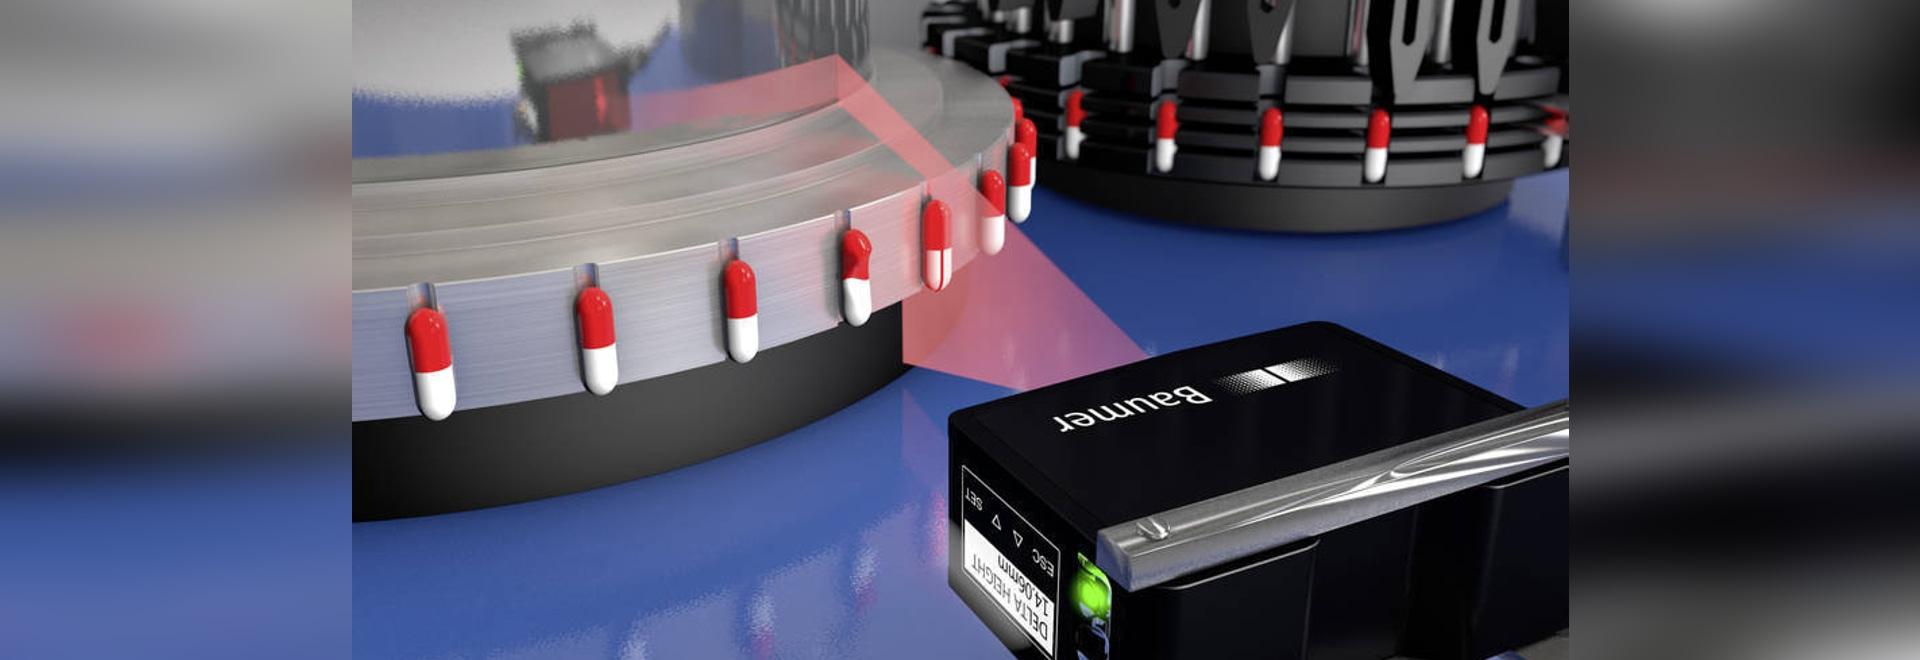 Innovation dans le domaine de l'inspection des pièces : détecteur « light sections » PosCon de Baumer